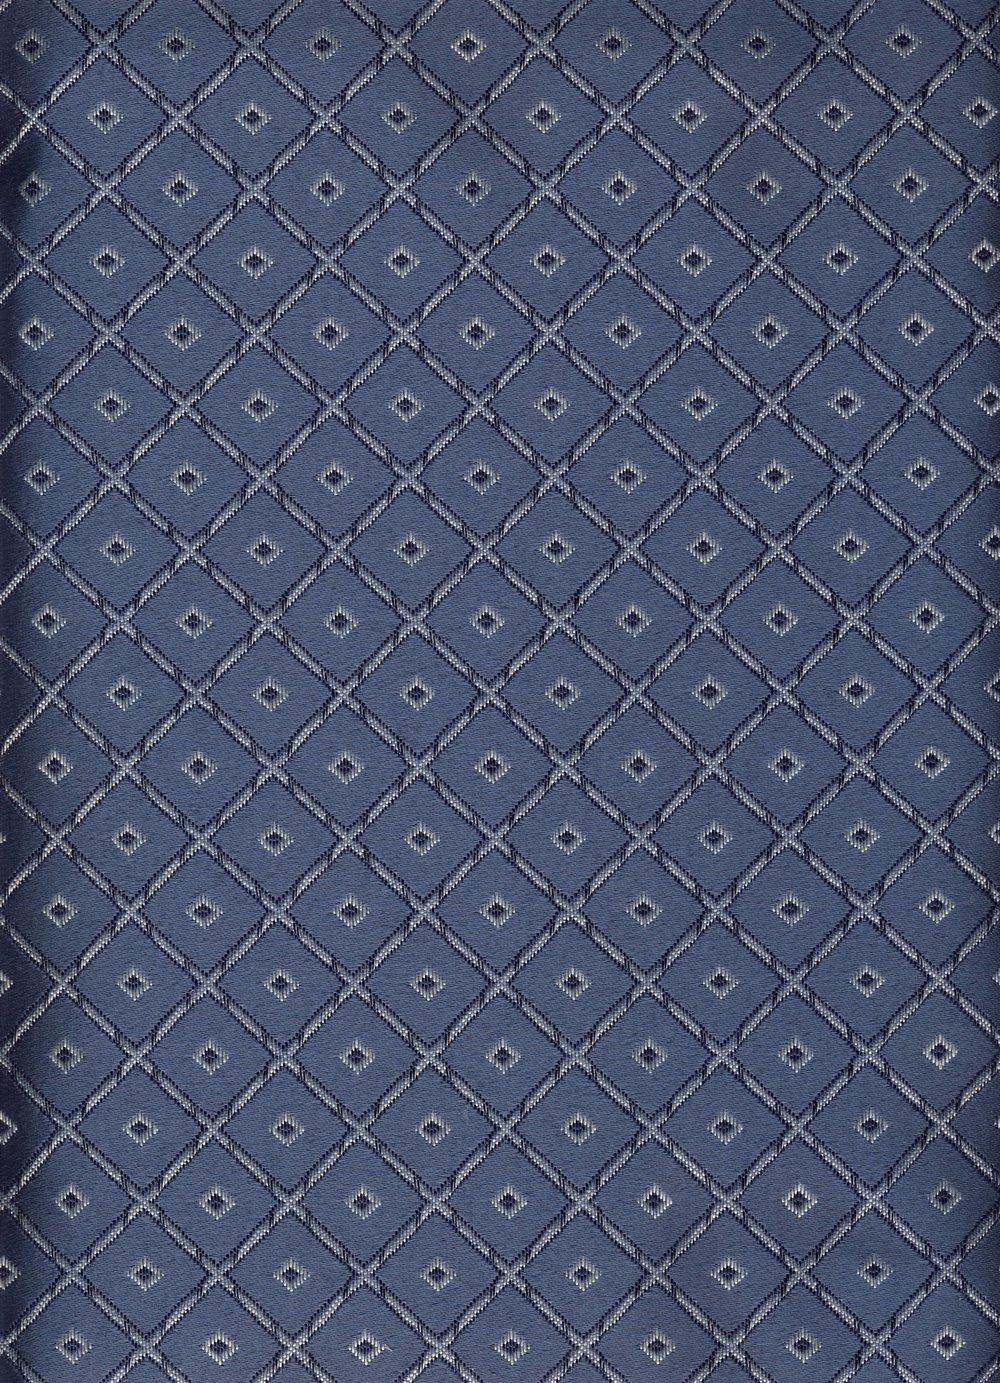 Parson Blue